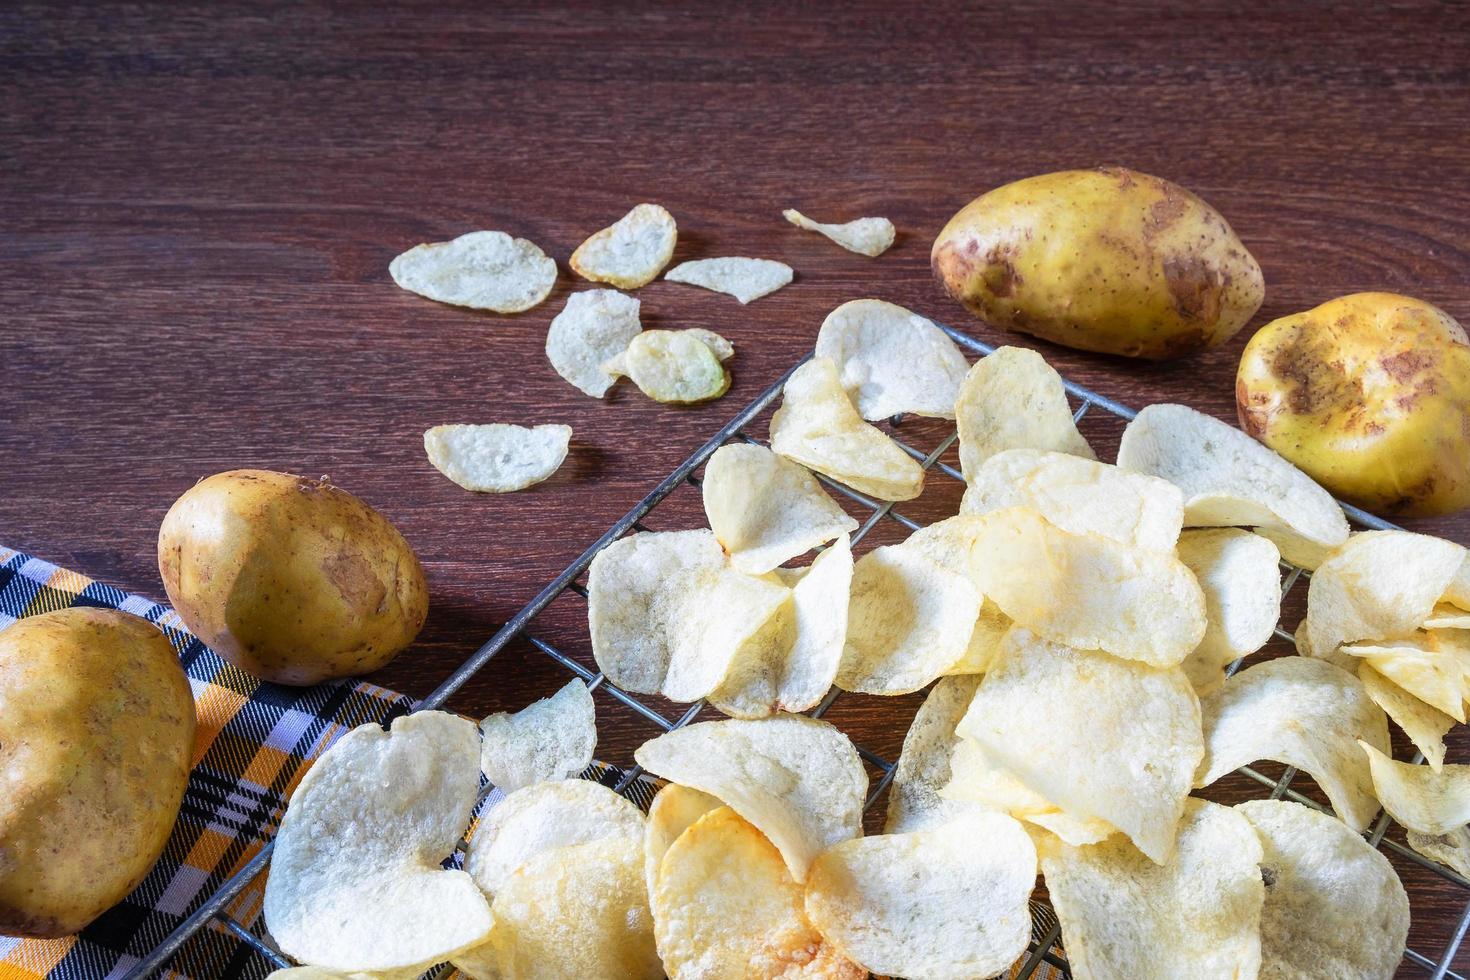 wat vers gebakken aardappelchips foto